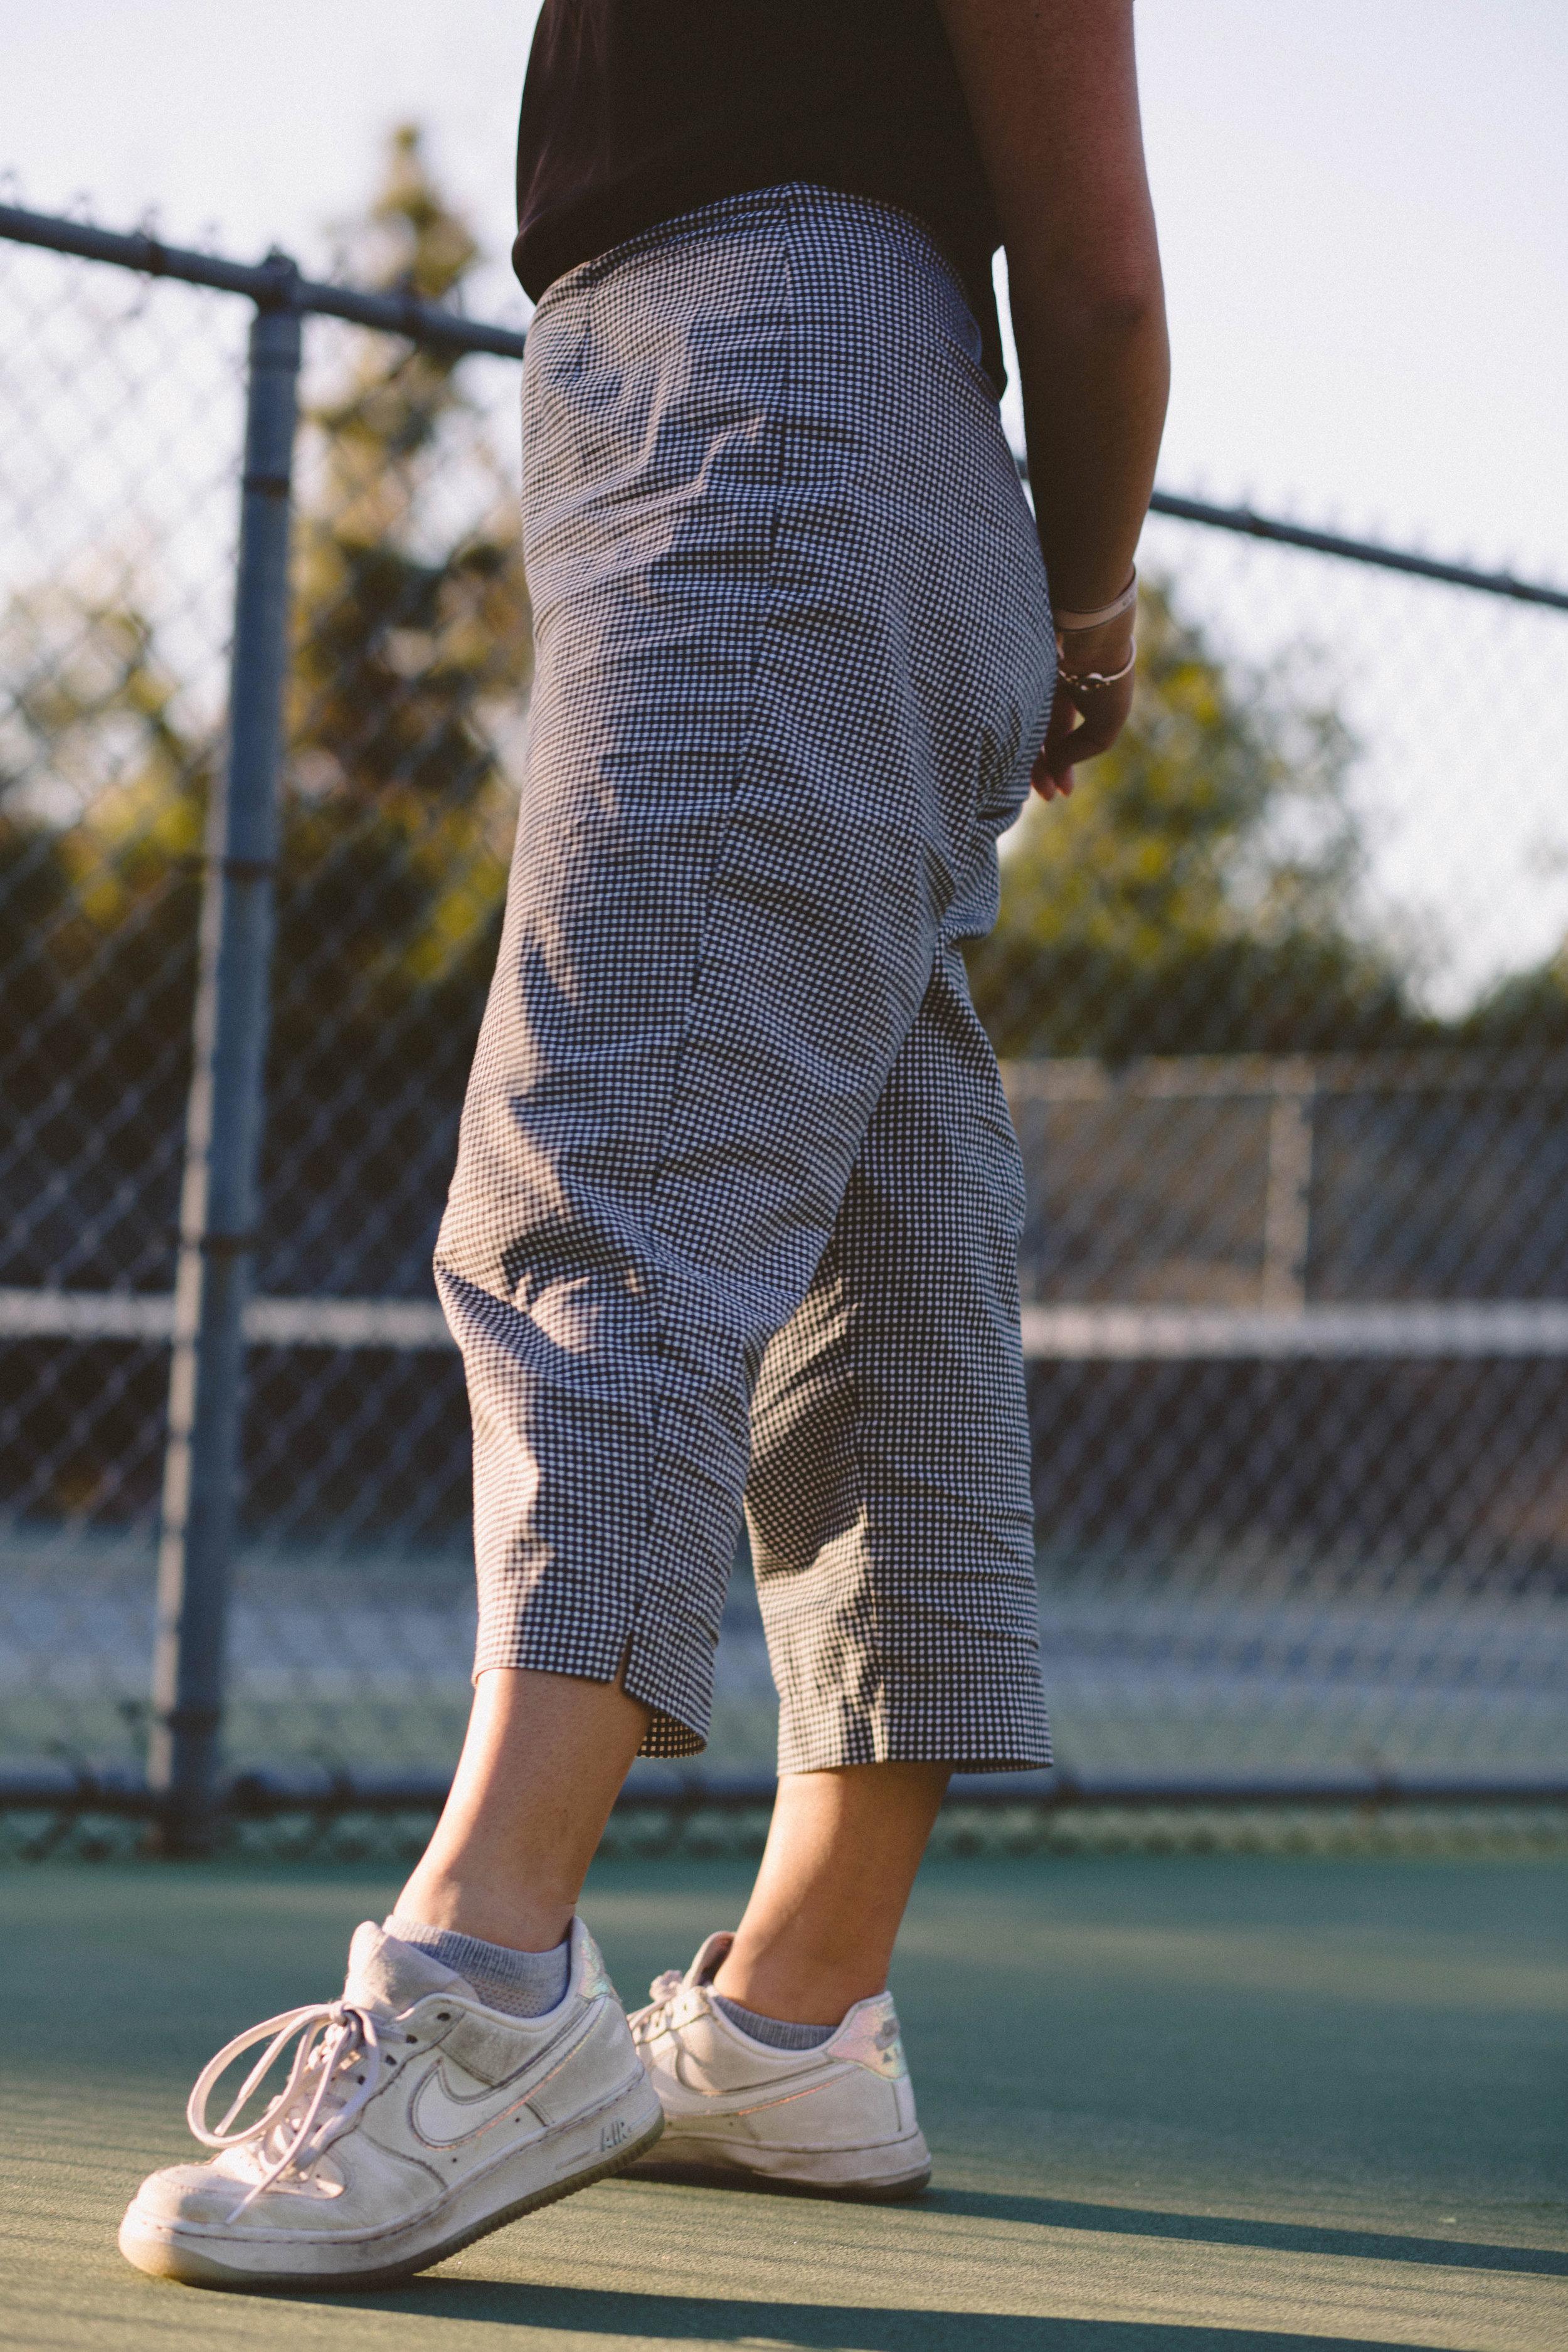 tenniscourts2_NoBorder.jpg